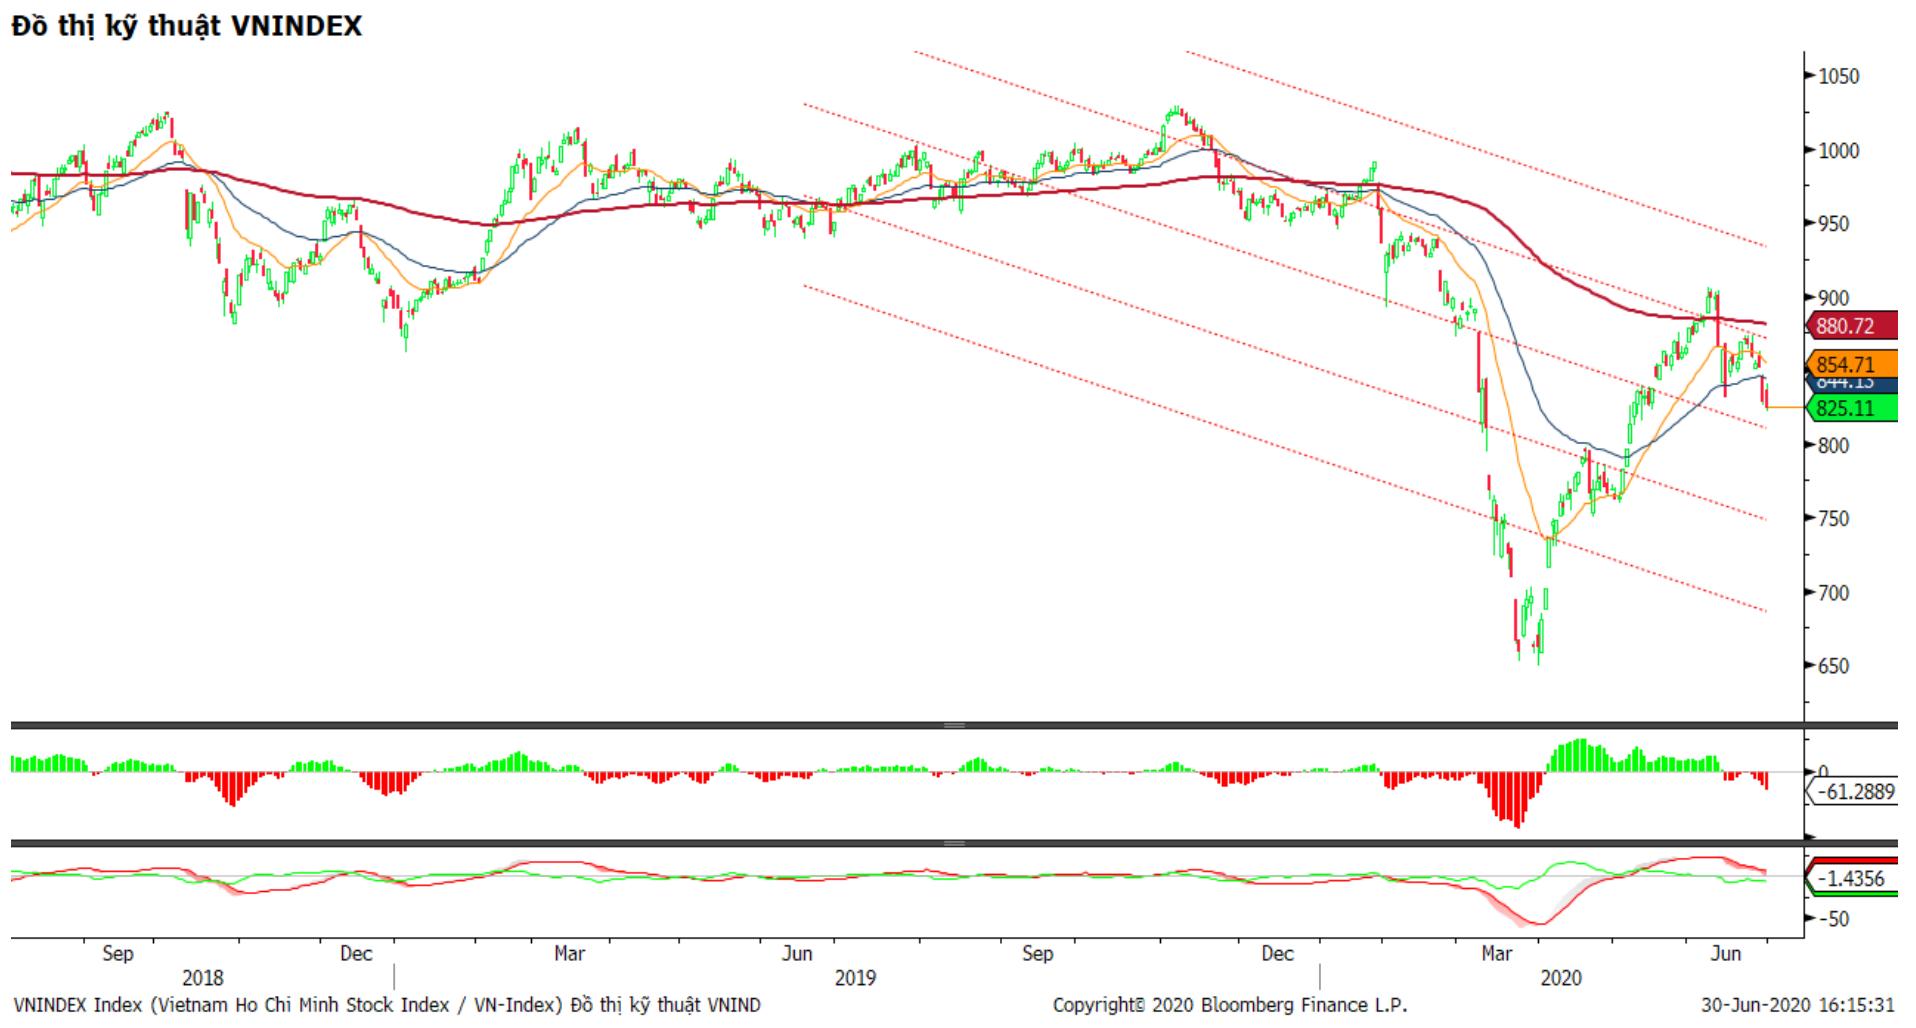 Nhận định thị trường chứng khoán ngày 2/7: Nối tiếp đà hồi phục, lưu ý lực cầu chưa khởi sắc - Ảnh 1.